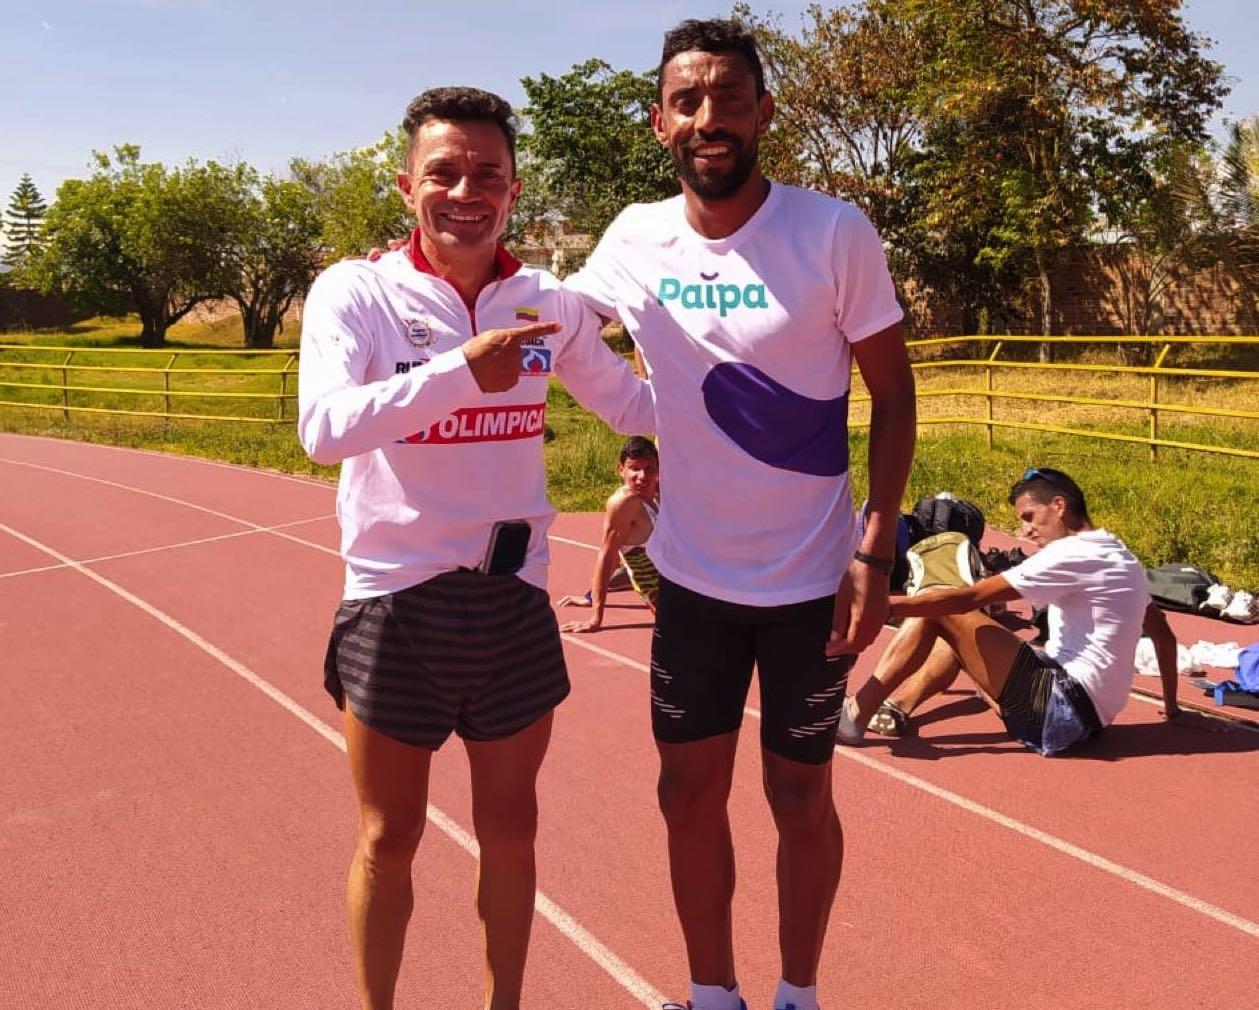 El atleta brasileño Daniel Chávez estará en Paipa adelantando sus entrenamientos antes de los Olímpicos.